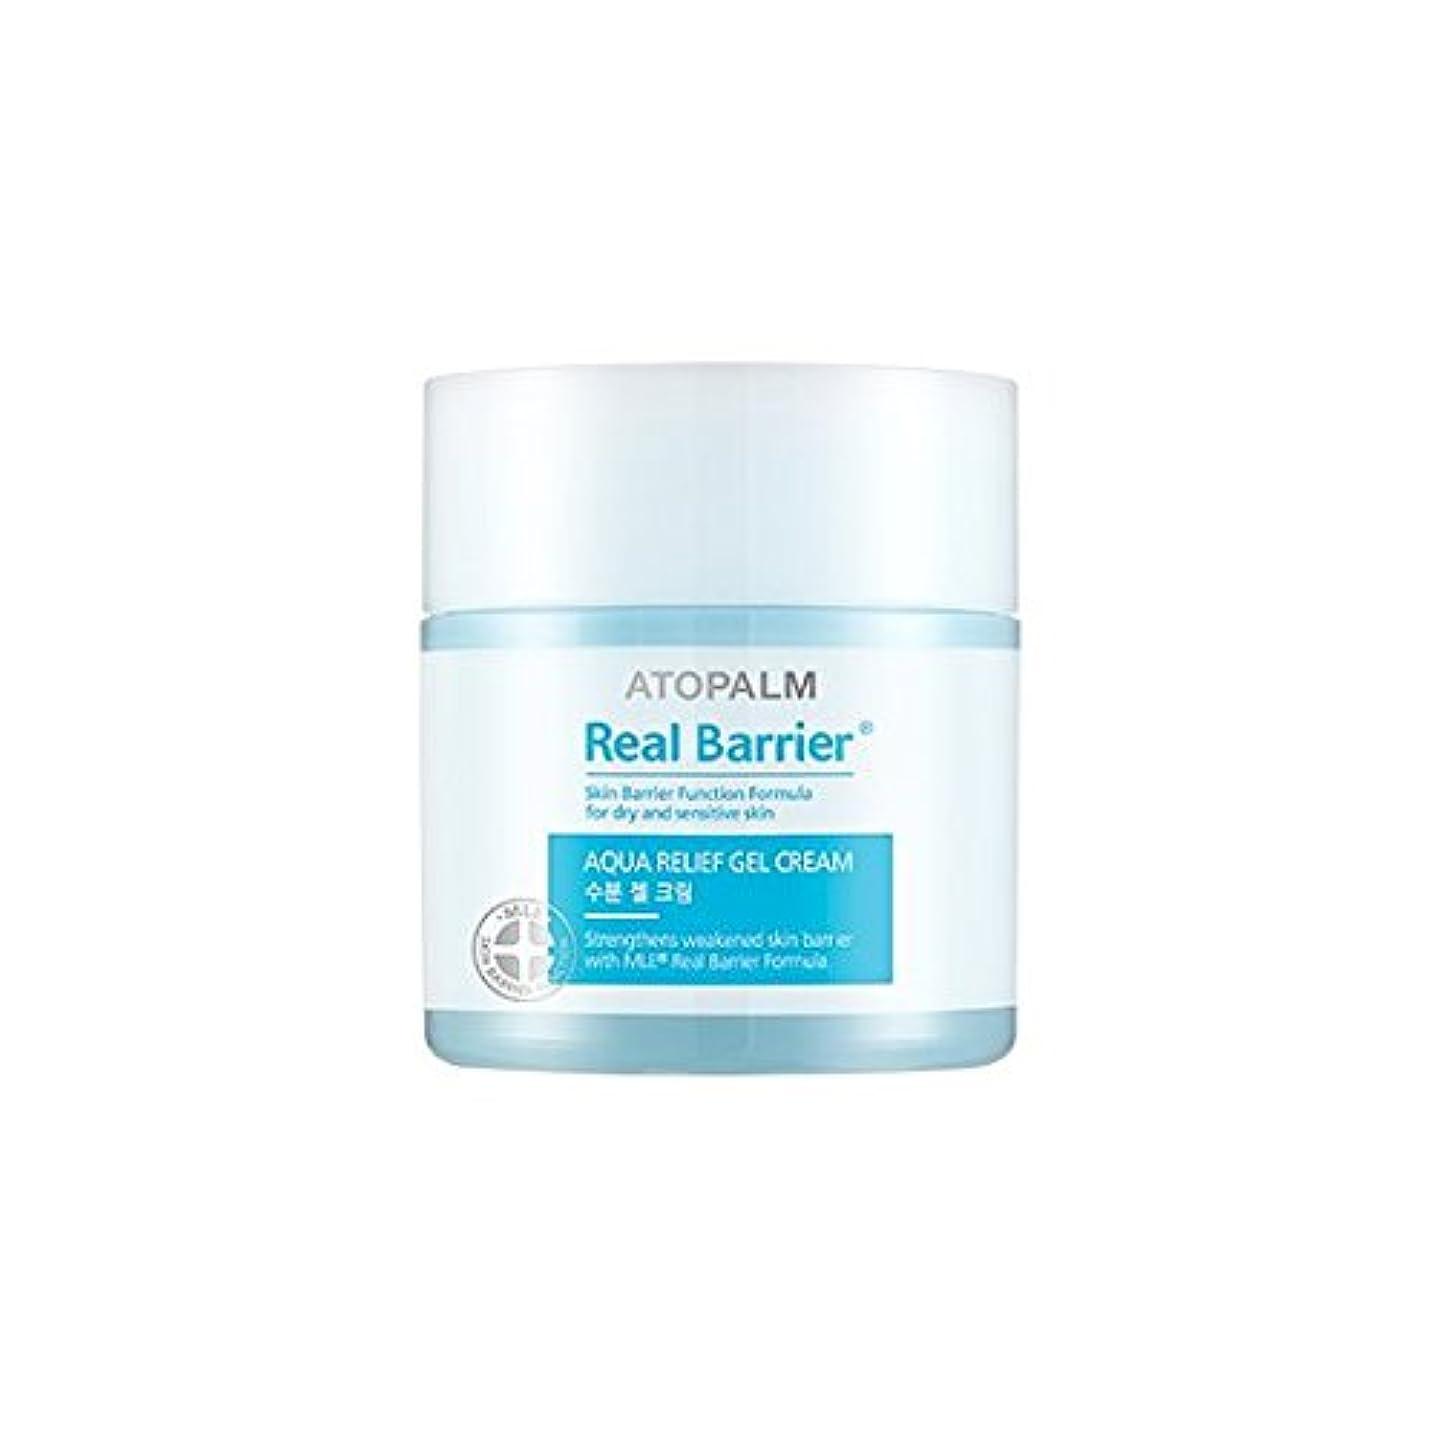 エンドウ正確地区ATOPALM Real Barrier Aqua Relief Gel Cream 50ml/アトパーム リアル バリア アクア リリーフ ジェル クリーム 50ml [並行輸入品]